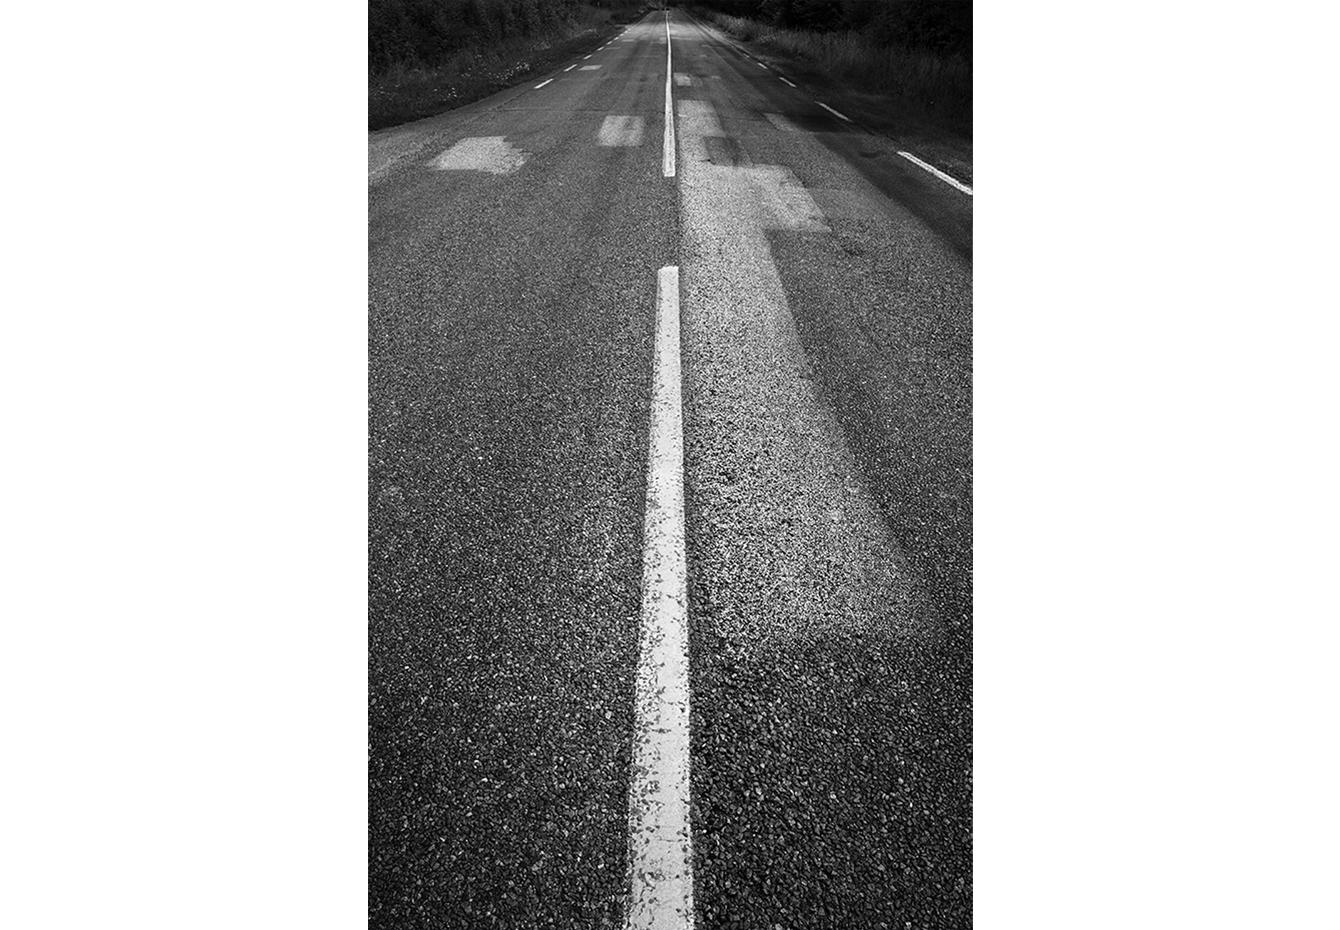 Vespa_Heinkel_1600km(30)